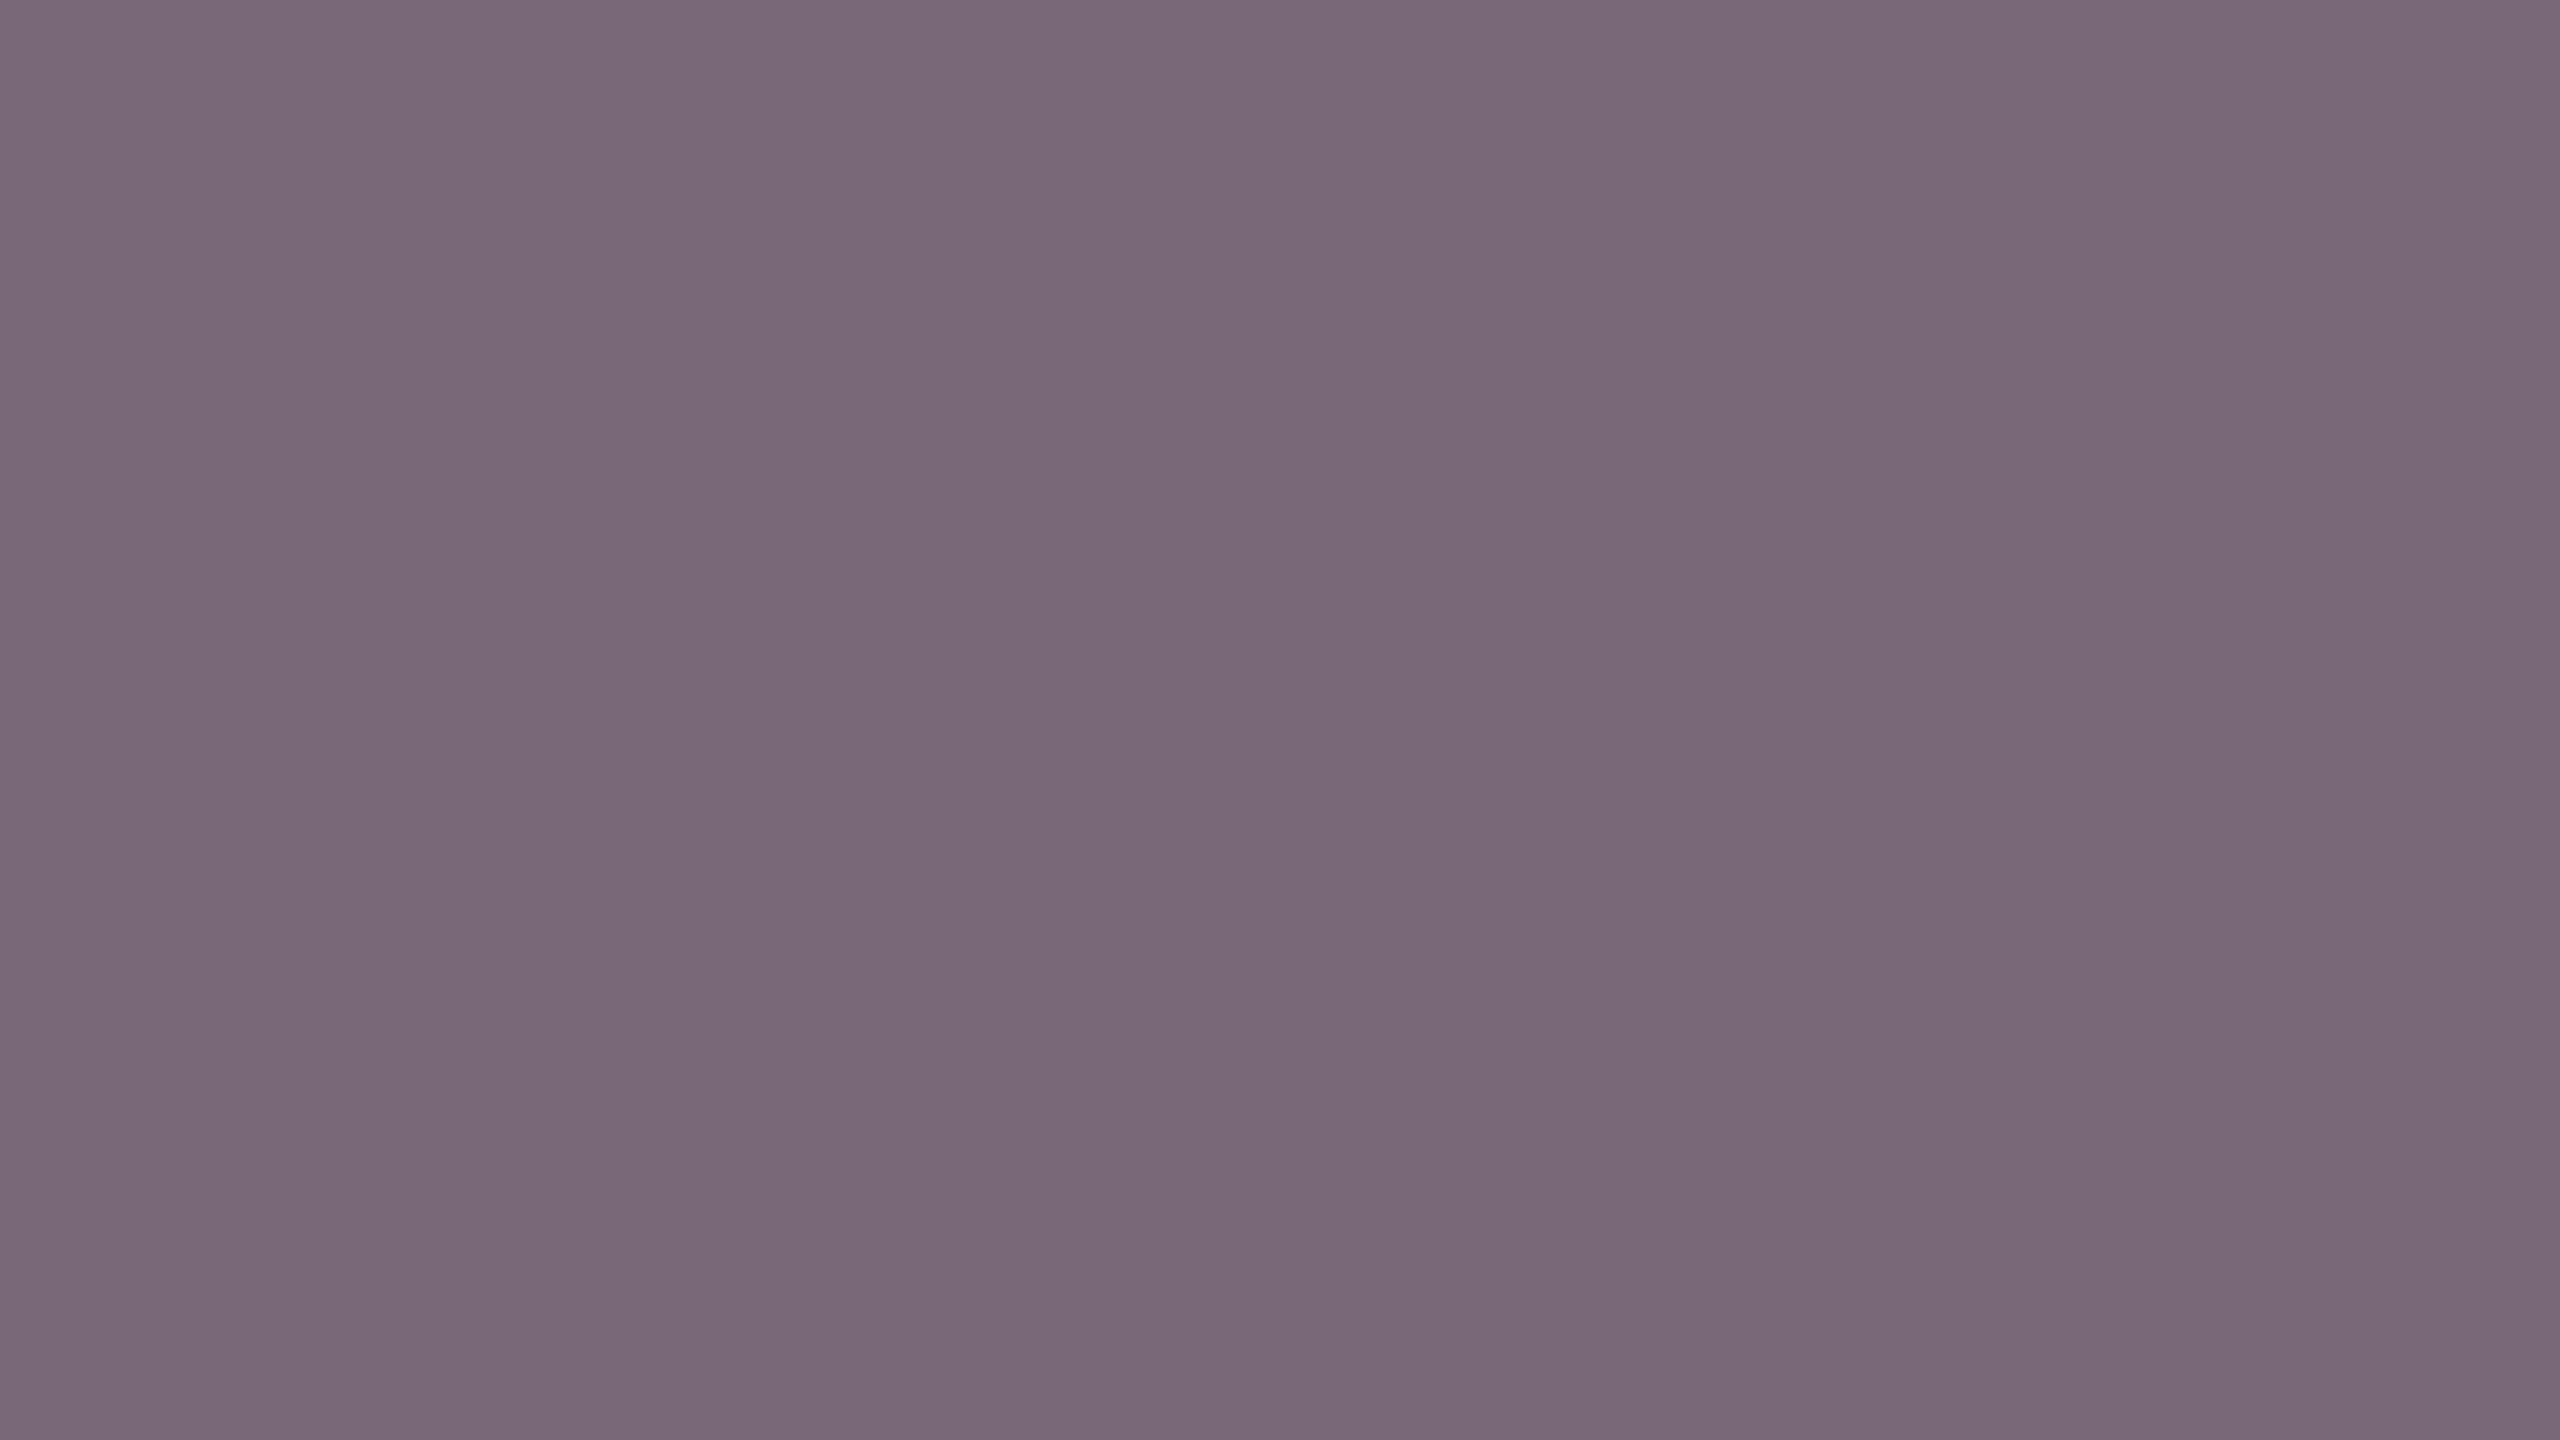 2560x1440 Old Lavender Solid Color Background